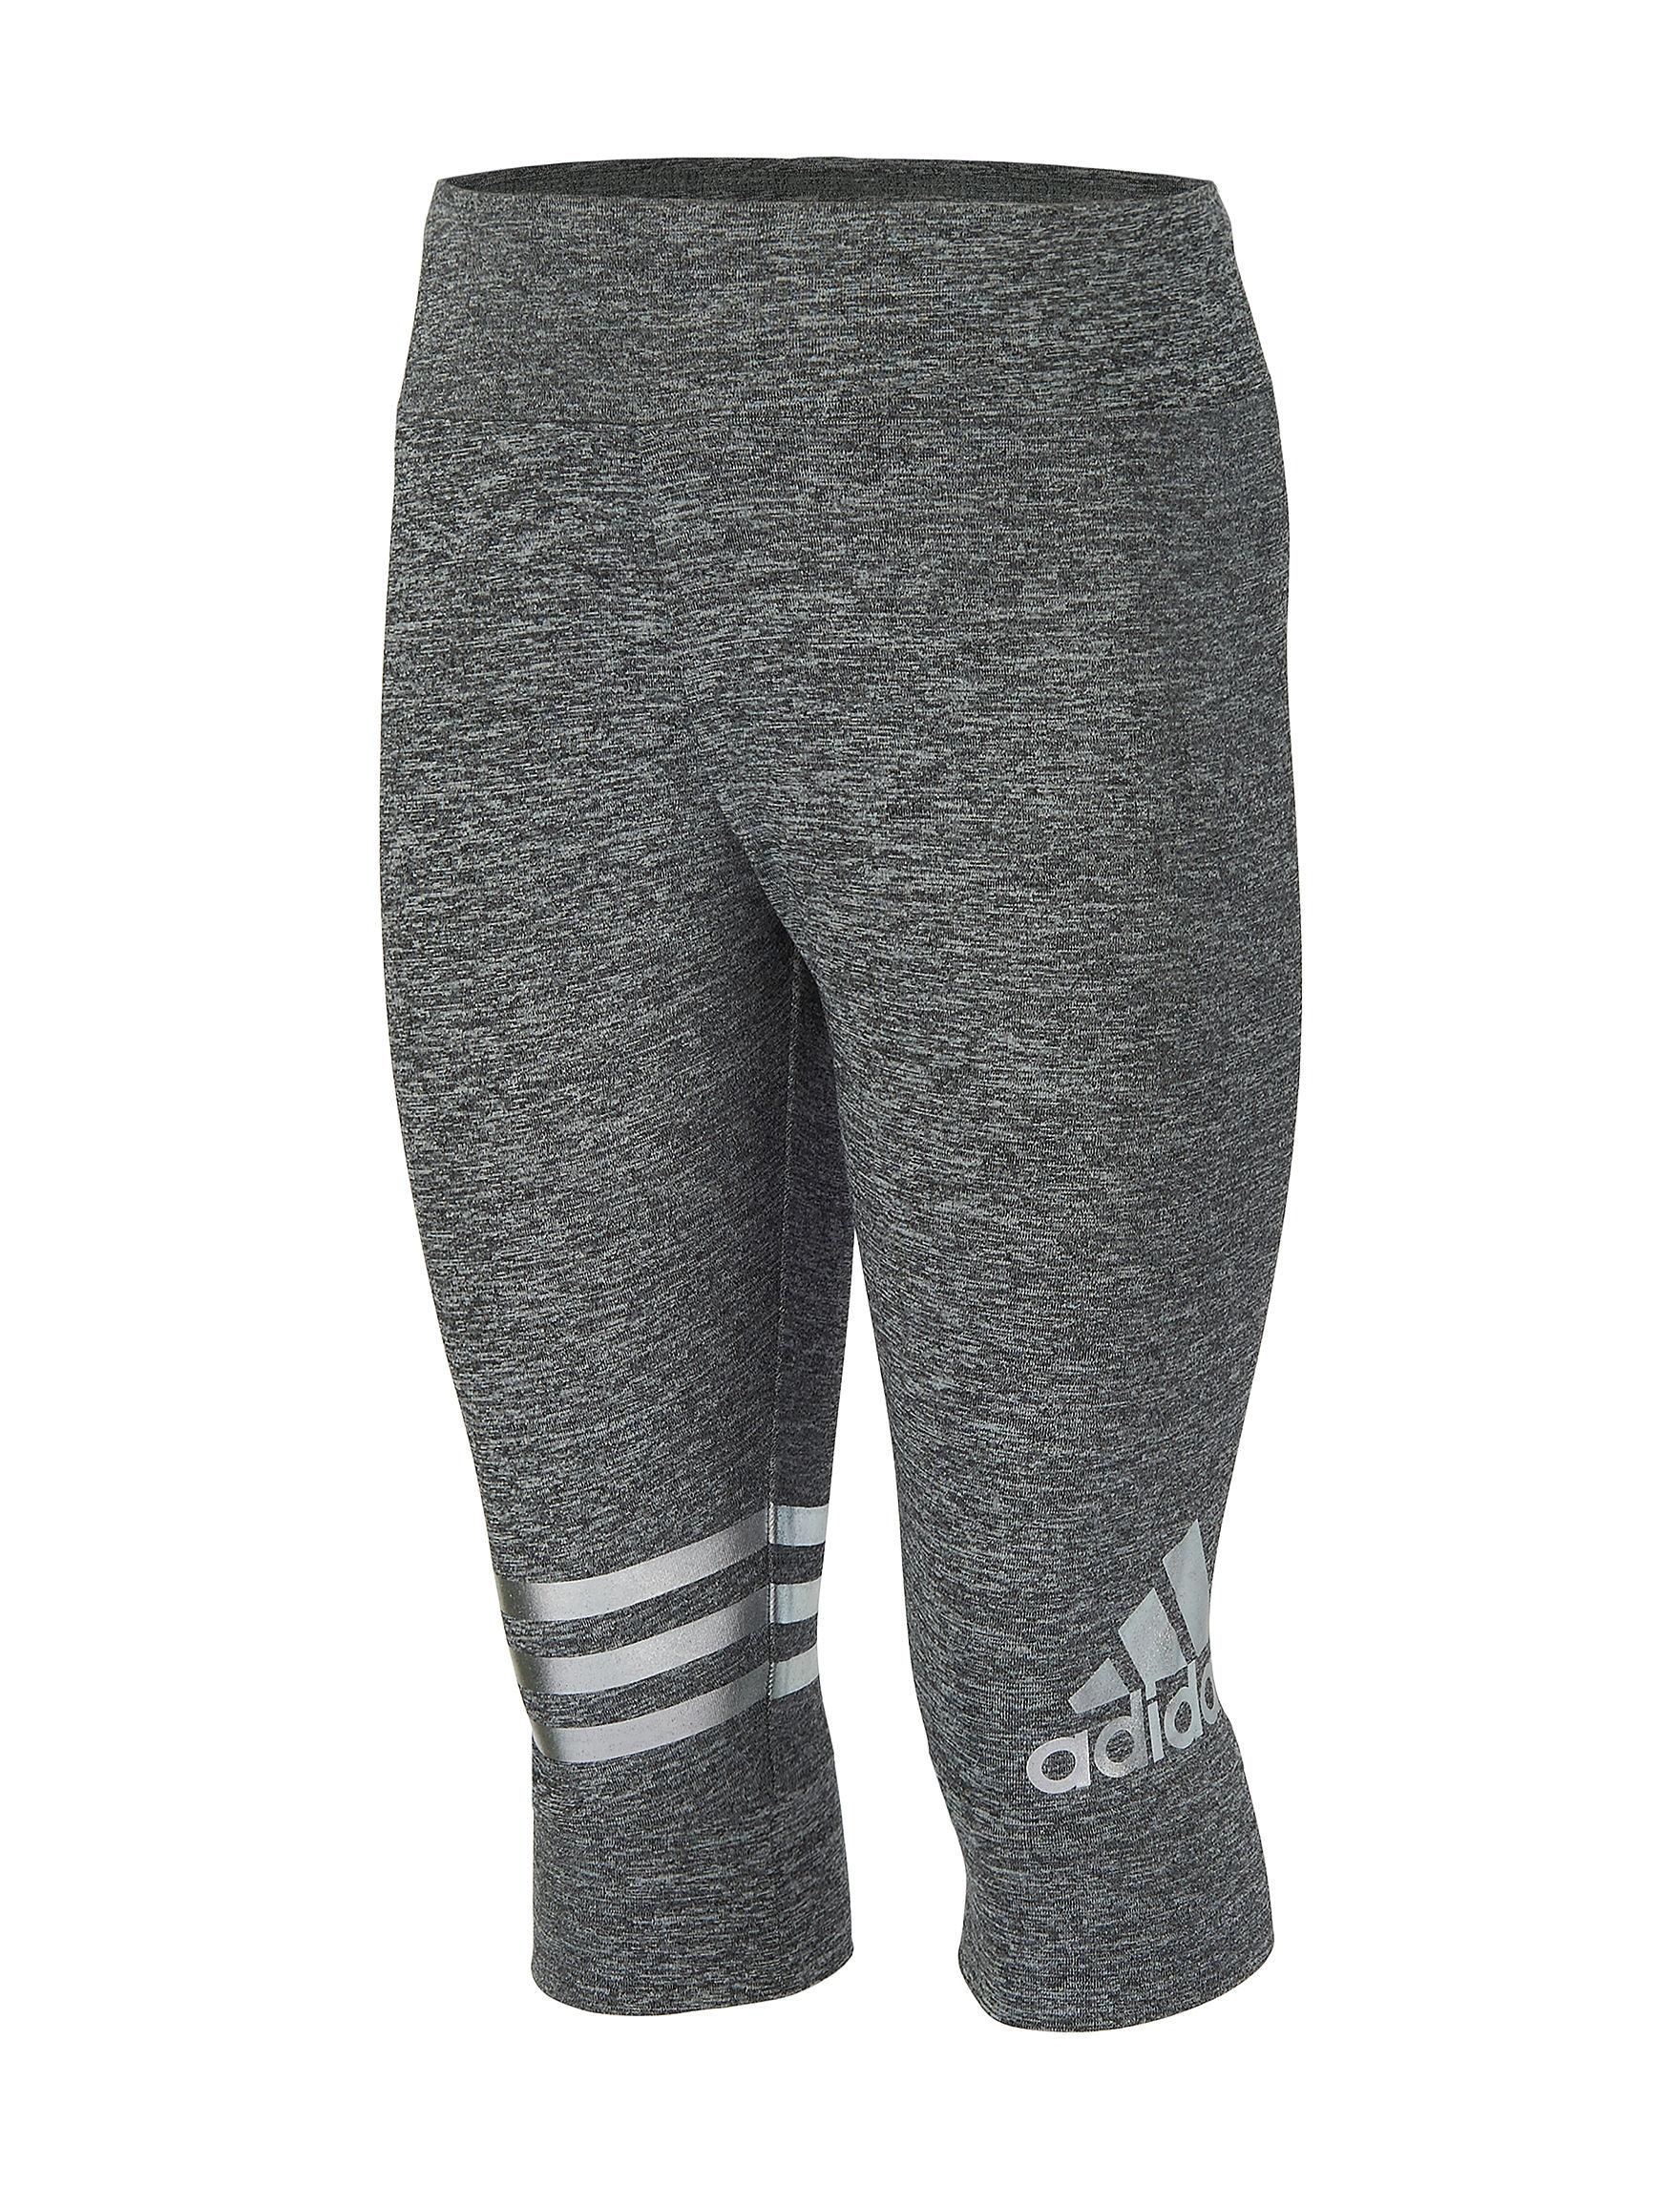 Adidas Dark Grey Capris & Crops